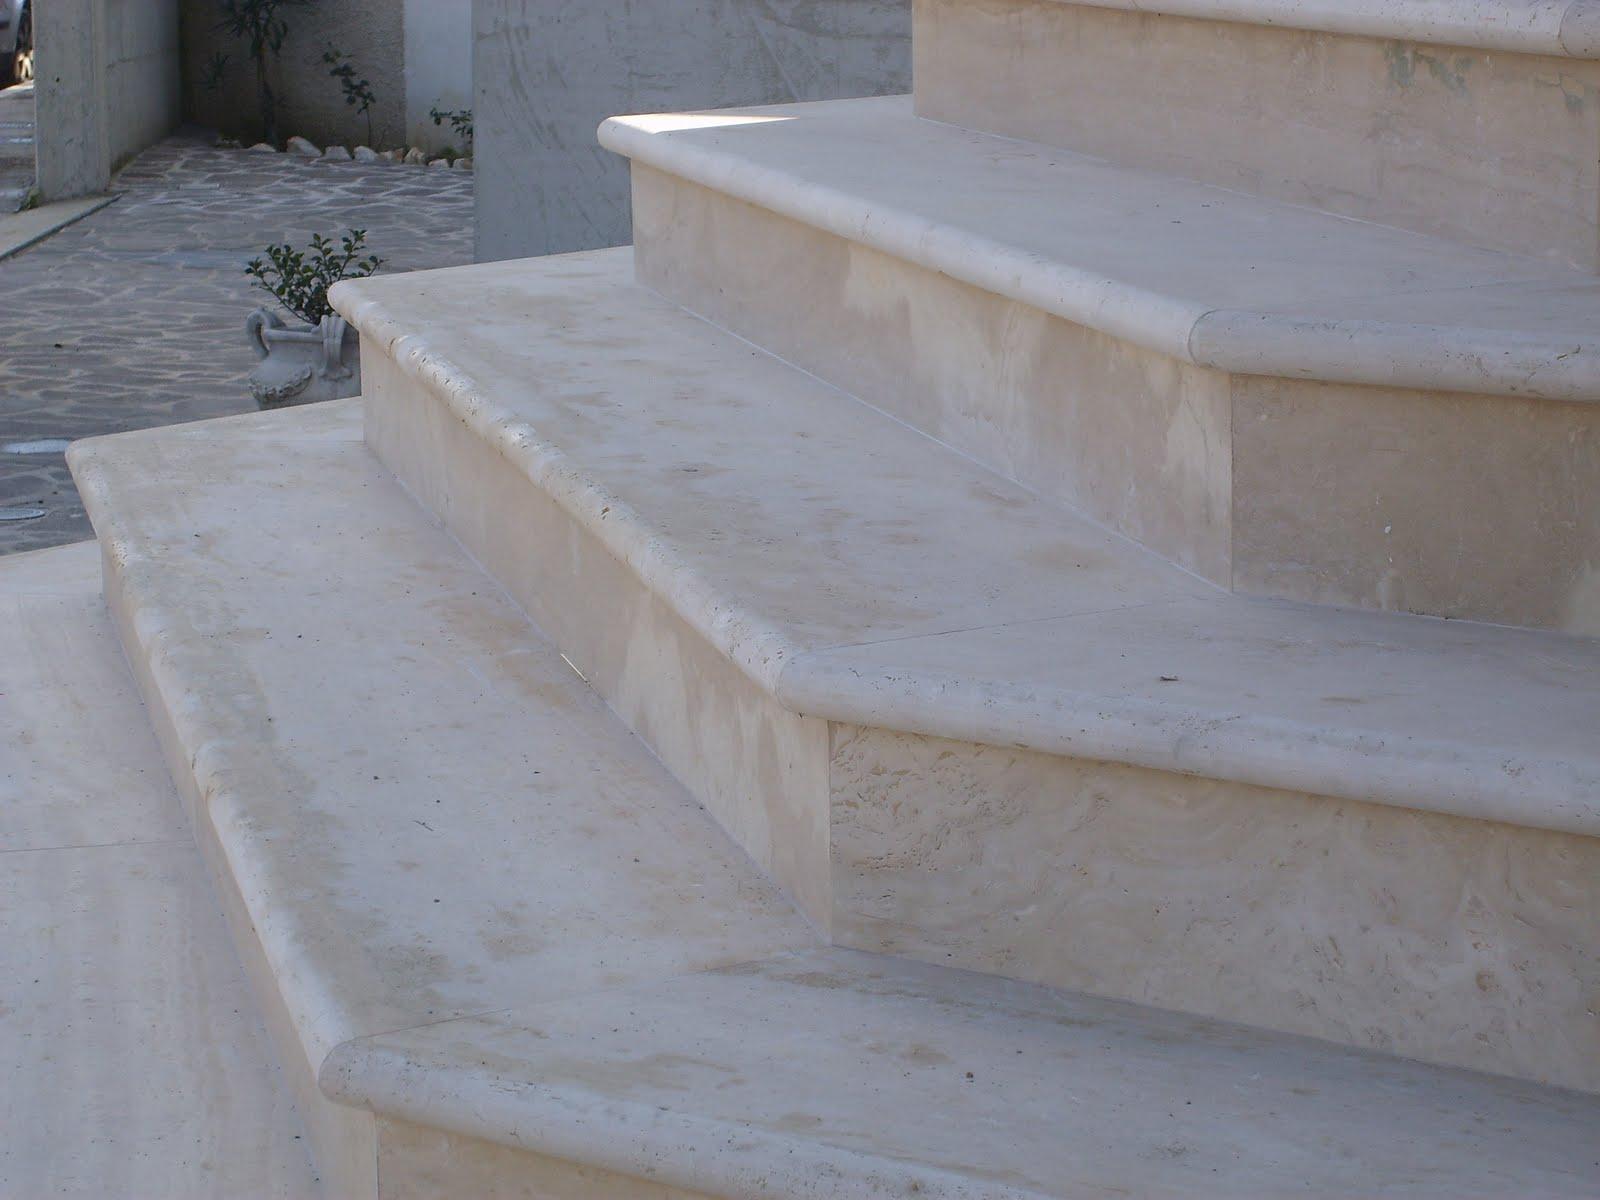 Scale marmo arreda di ciaffone cesidio - Scale ingresso esterno ...